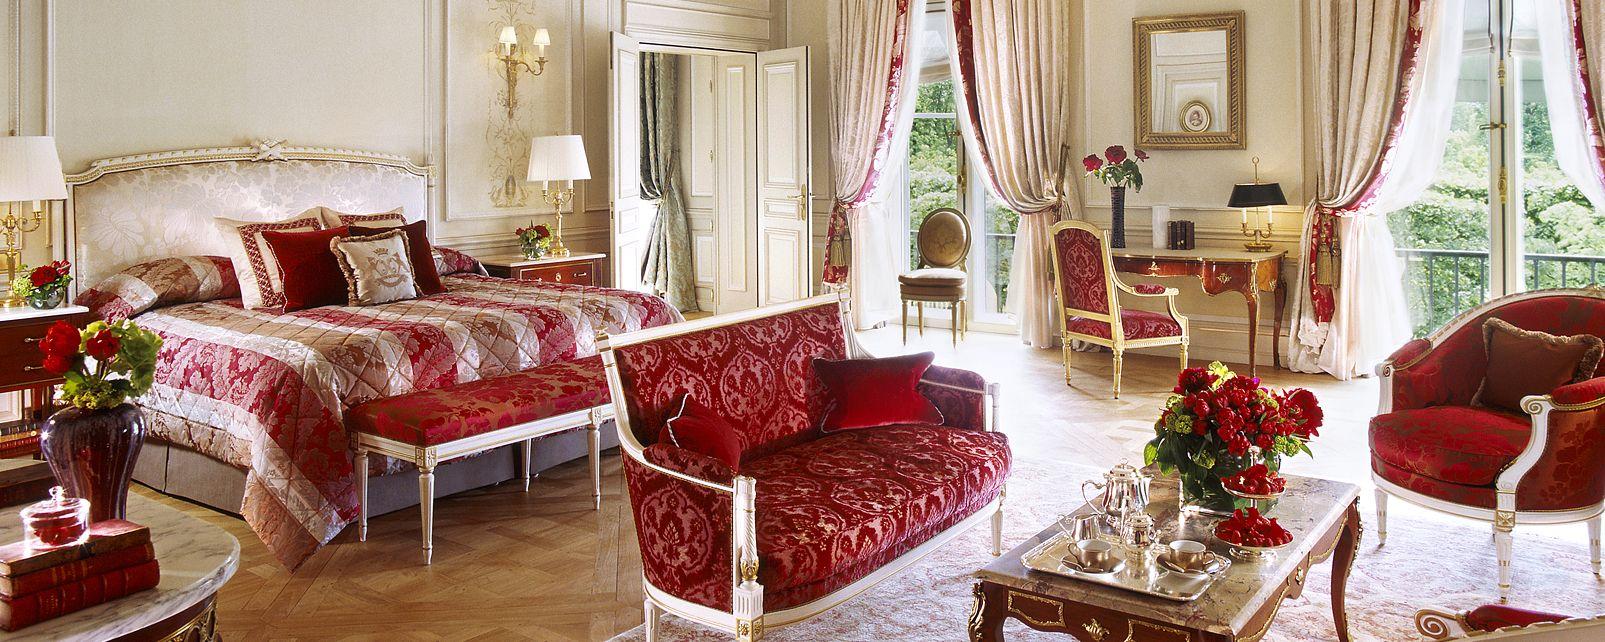 h tel le meurice paris. Black Bedroom Furniture Sets. Home Design Ideas